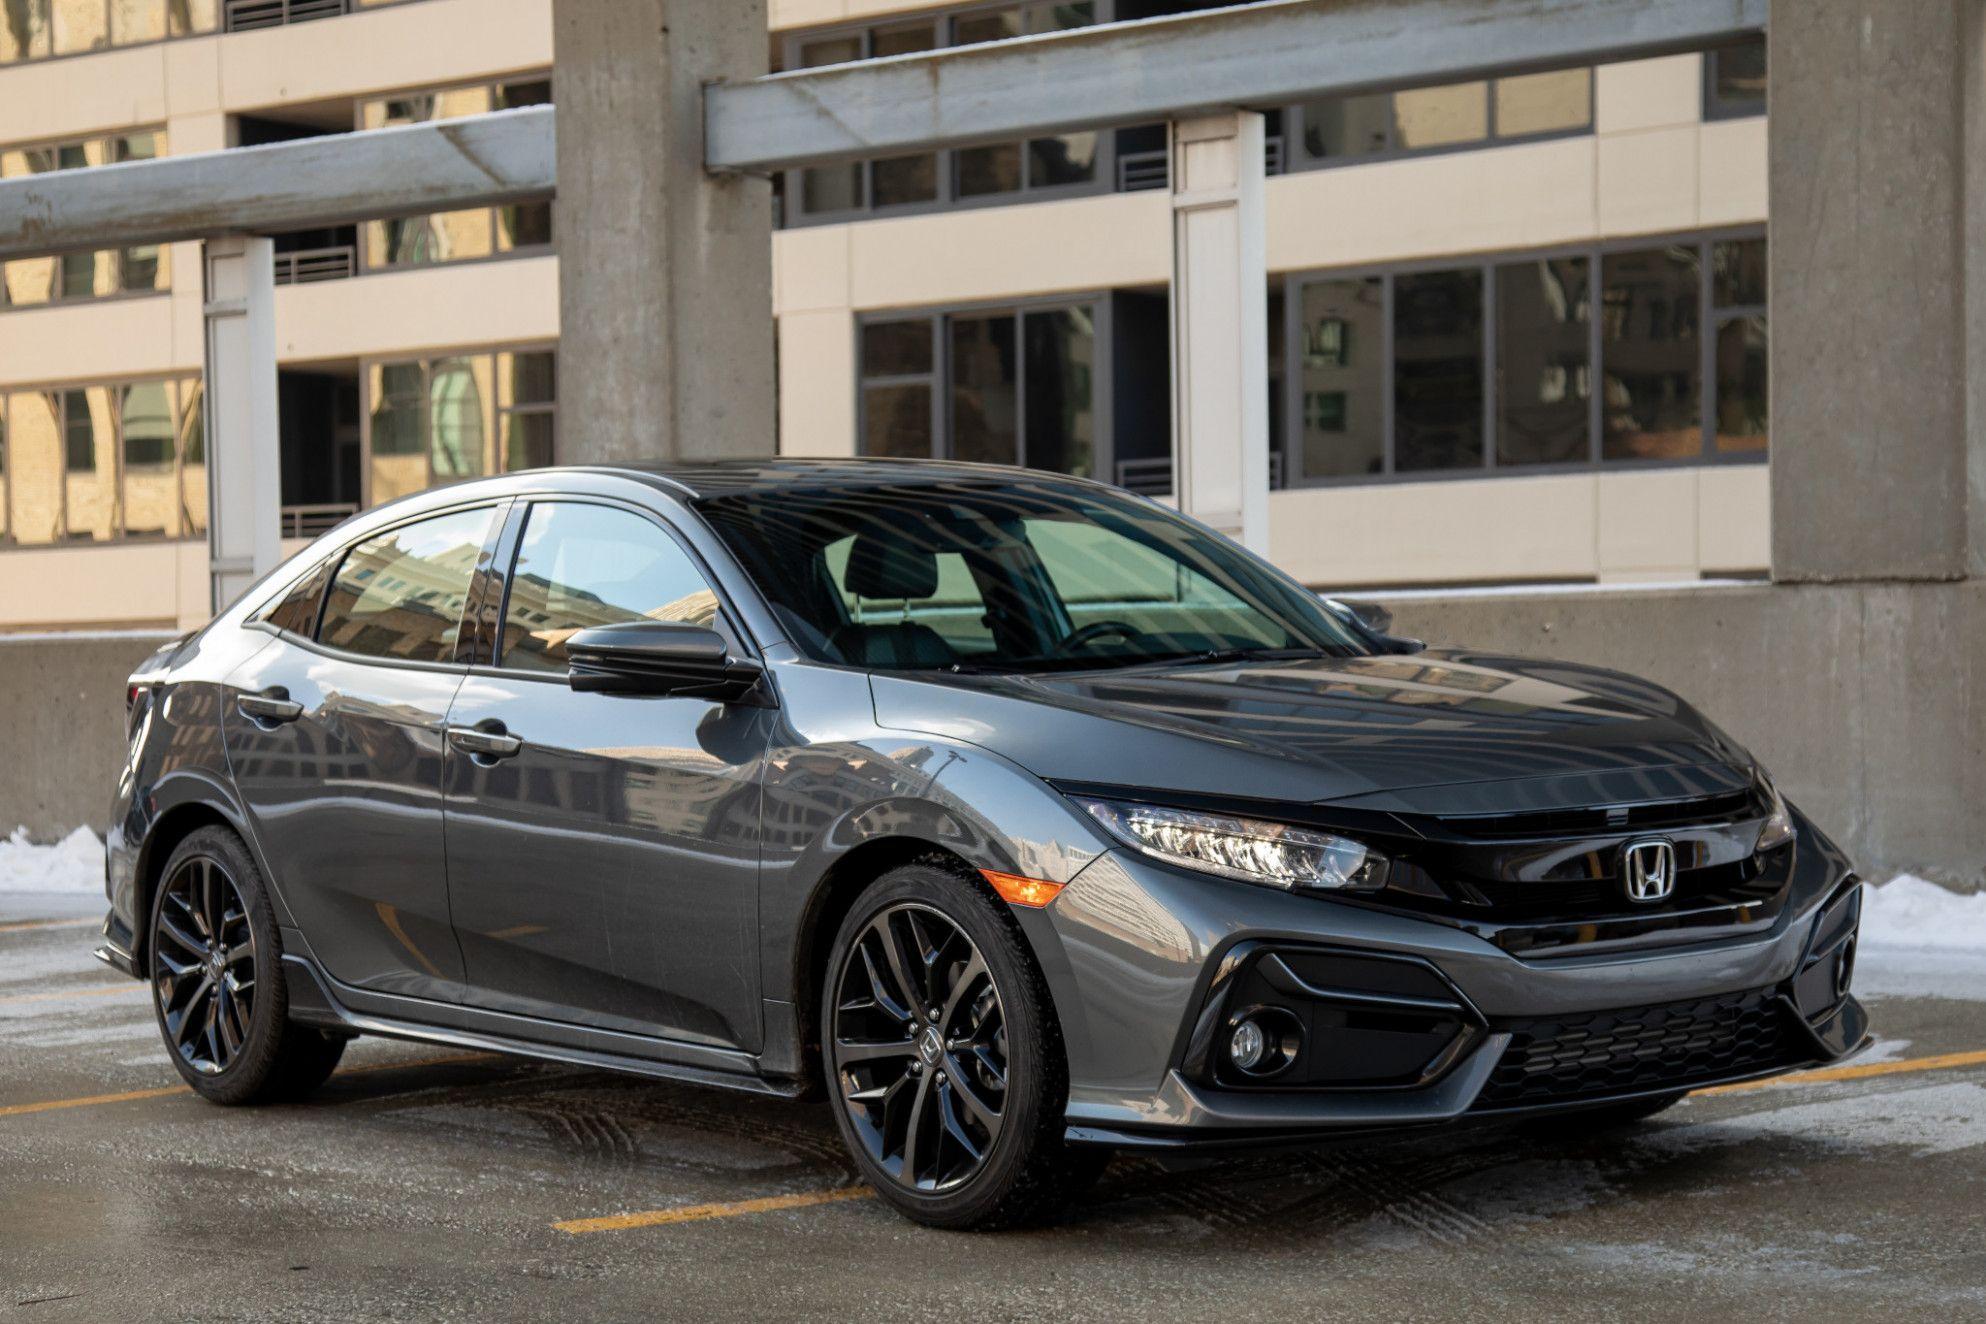 2020 Honda Civic in 2020 Honda civic hatchback, Civic